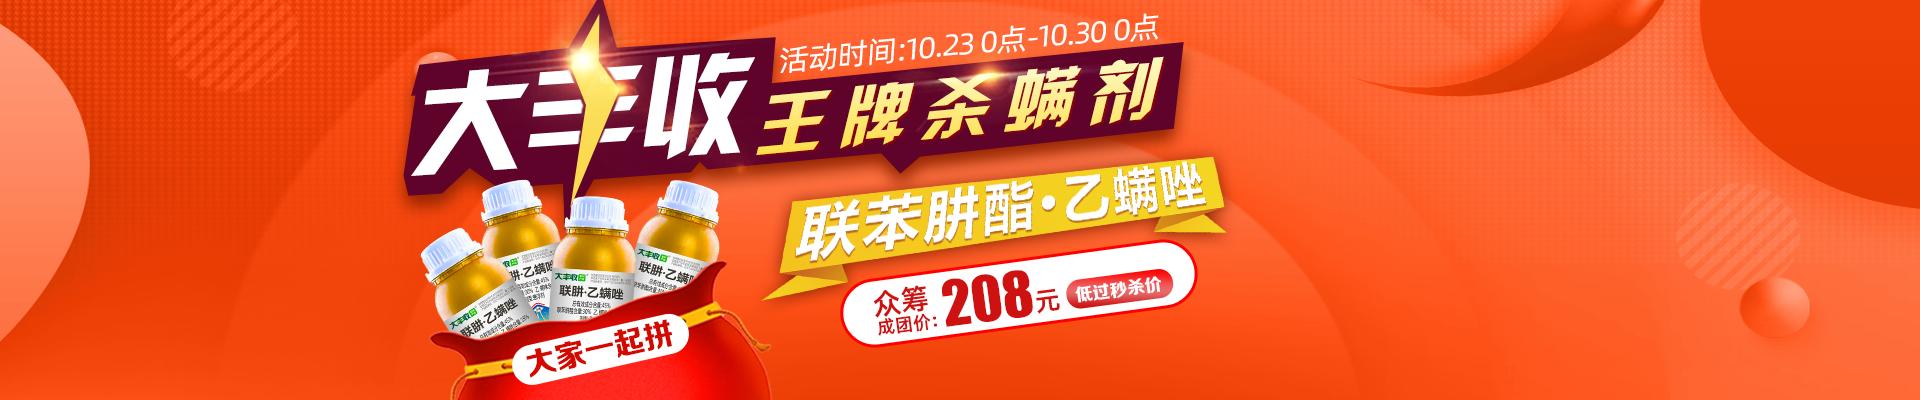 【10月】众筹-45%联苯肼酯•乙螨唑